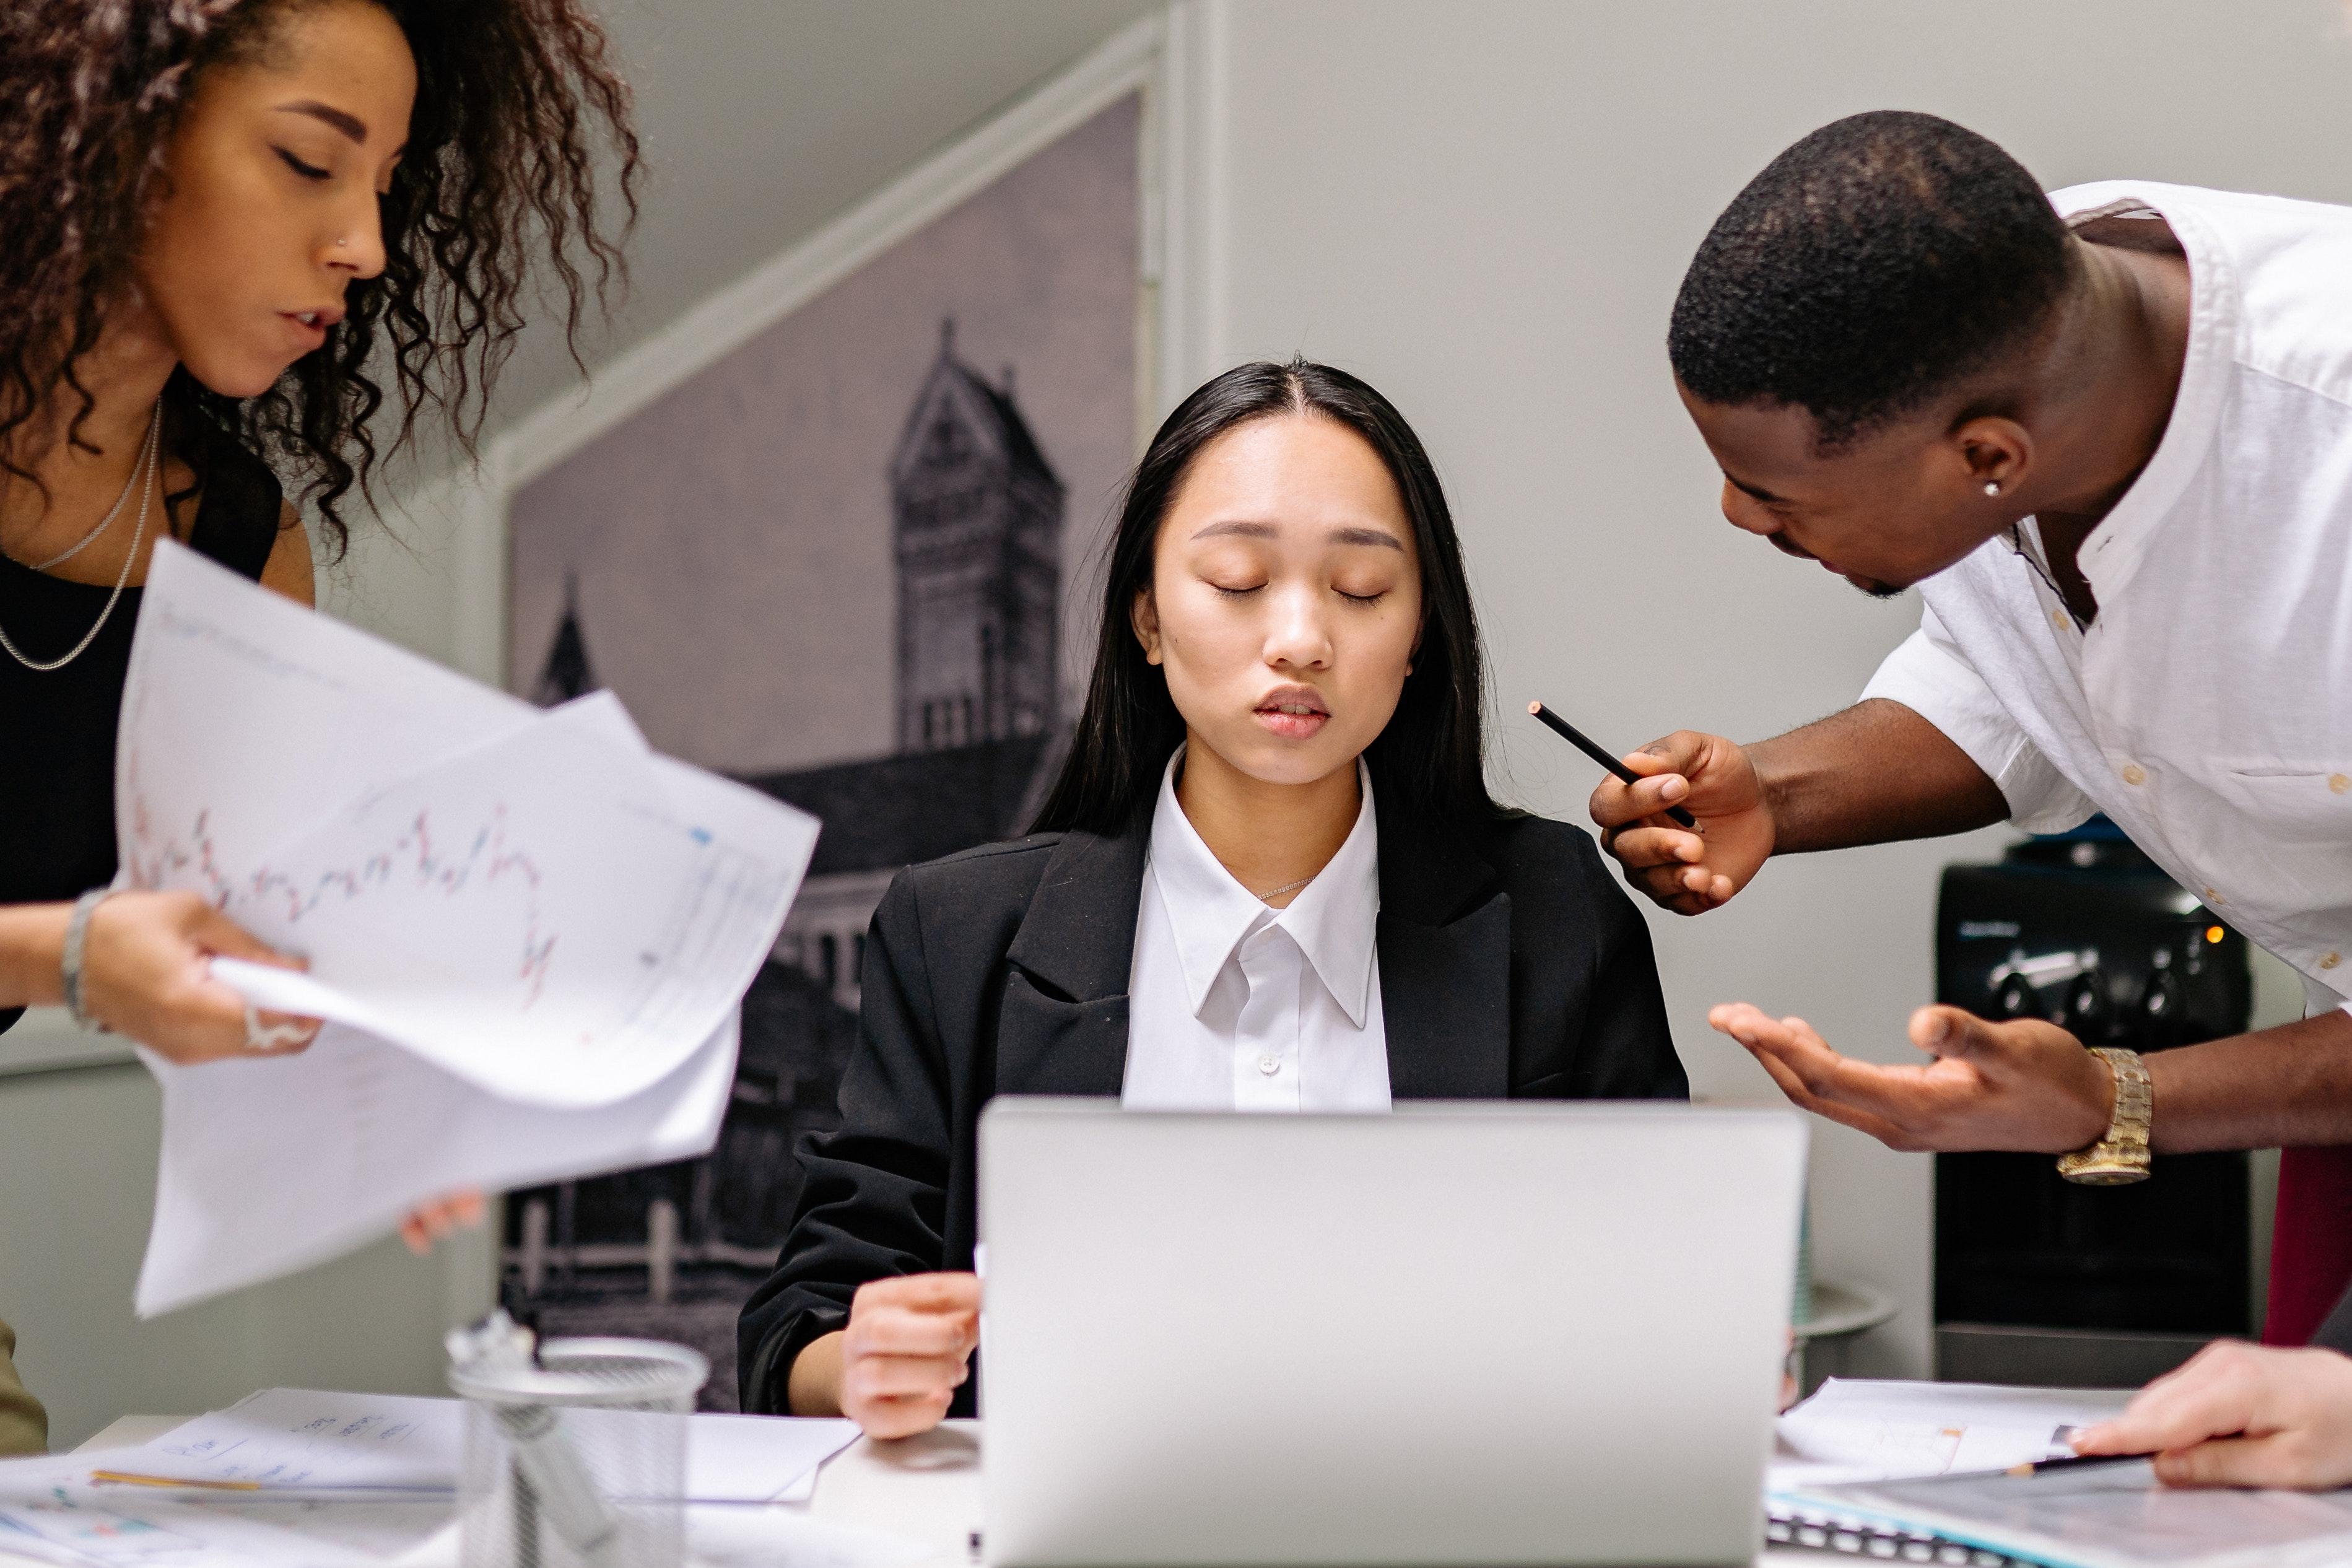 As empresas são responsáveis pelo ambiente de trabalho.(Fonte: Yan Krukov/Pexels/Reprodução)